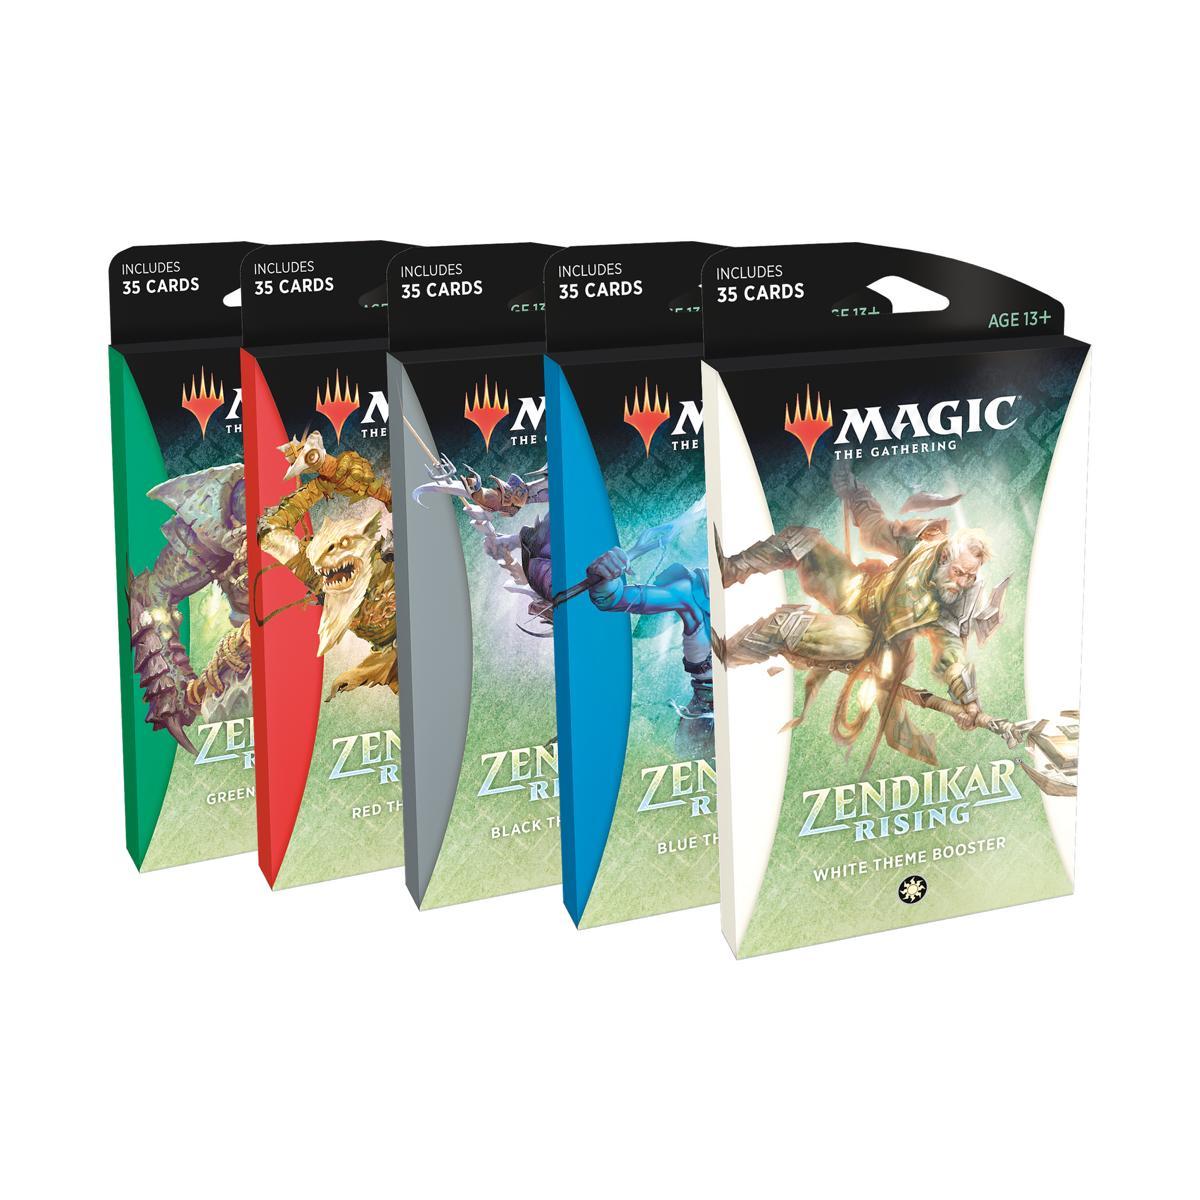 Magic MTG Zendikar Erneuerung Collector Booster Packung DE OVP NEU